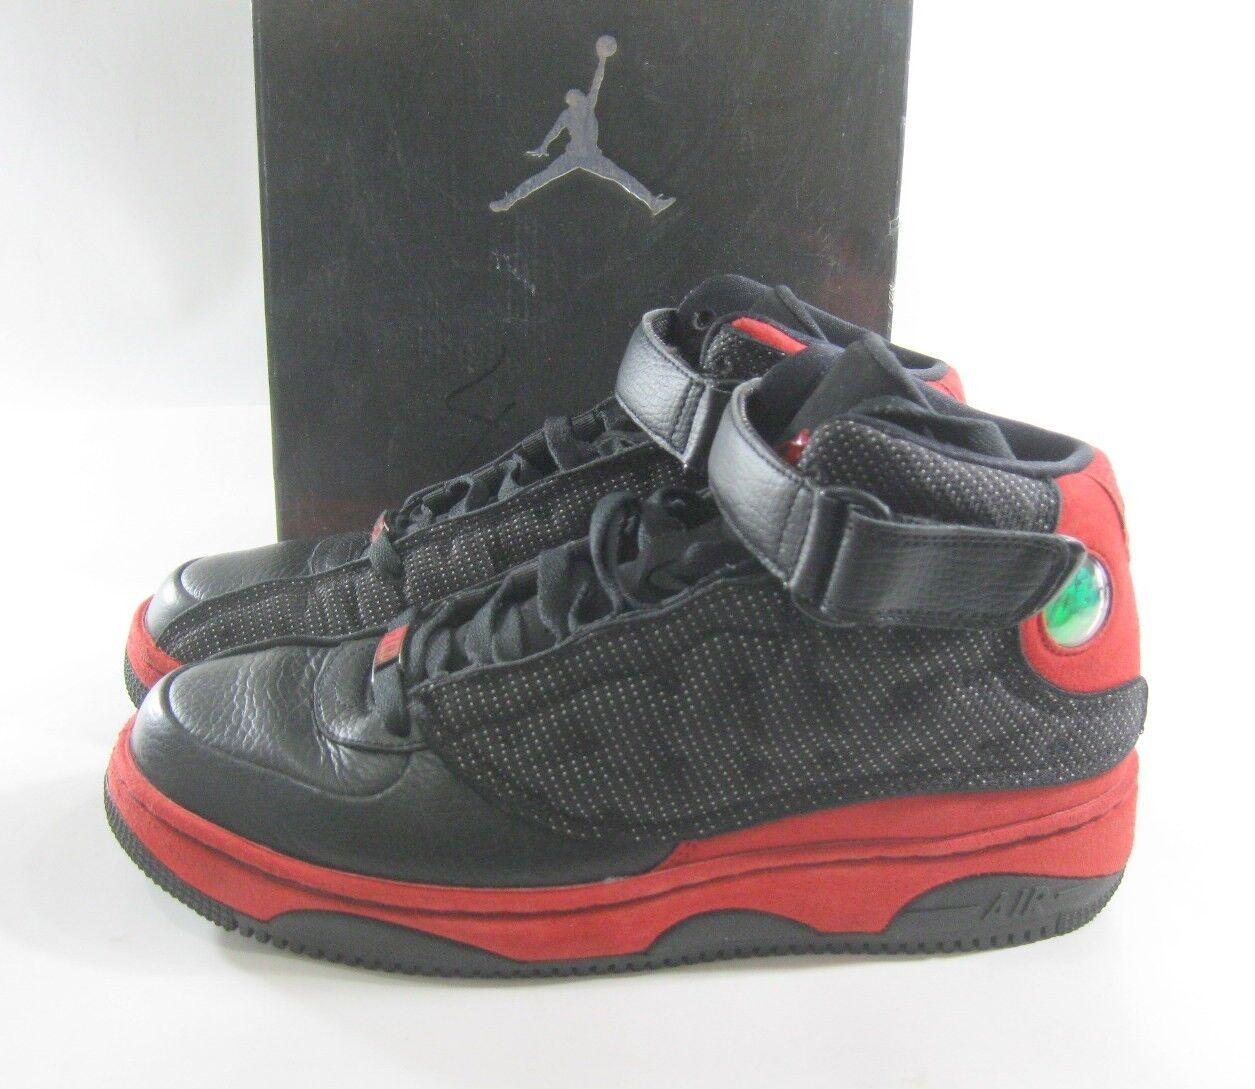 Nike air jordan ajf 13 nero della squadra rosso - bianco - 375453-061 numero 9